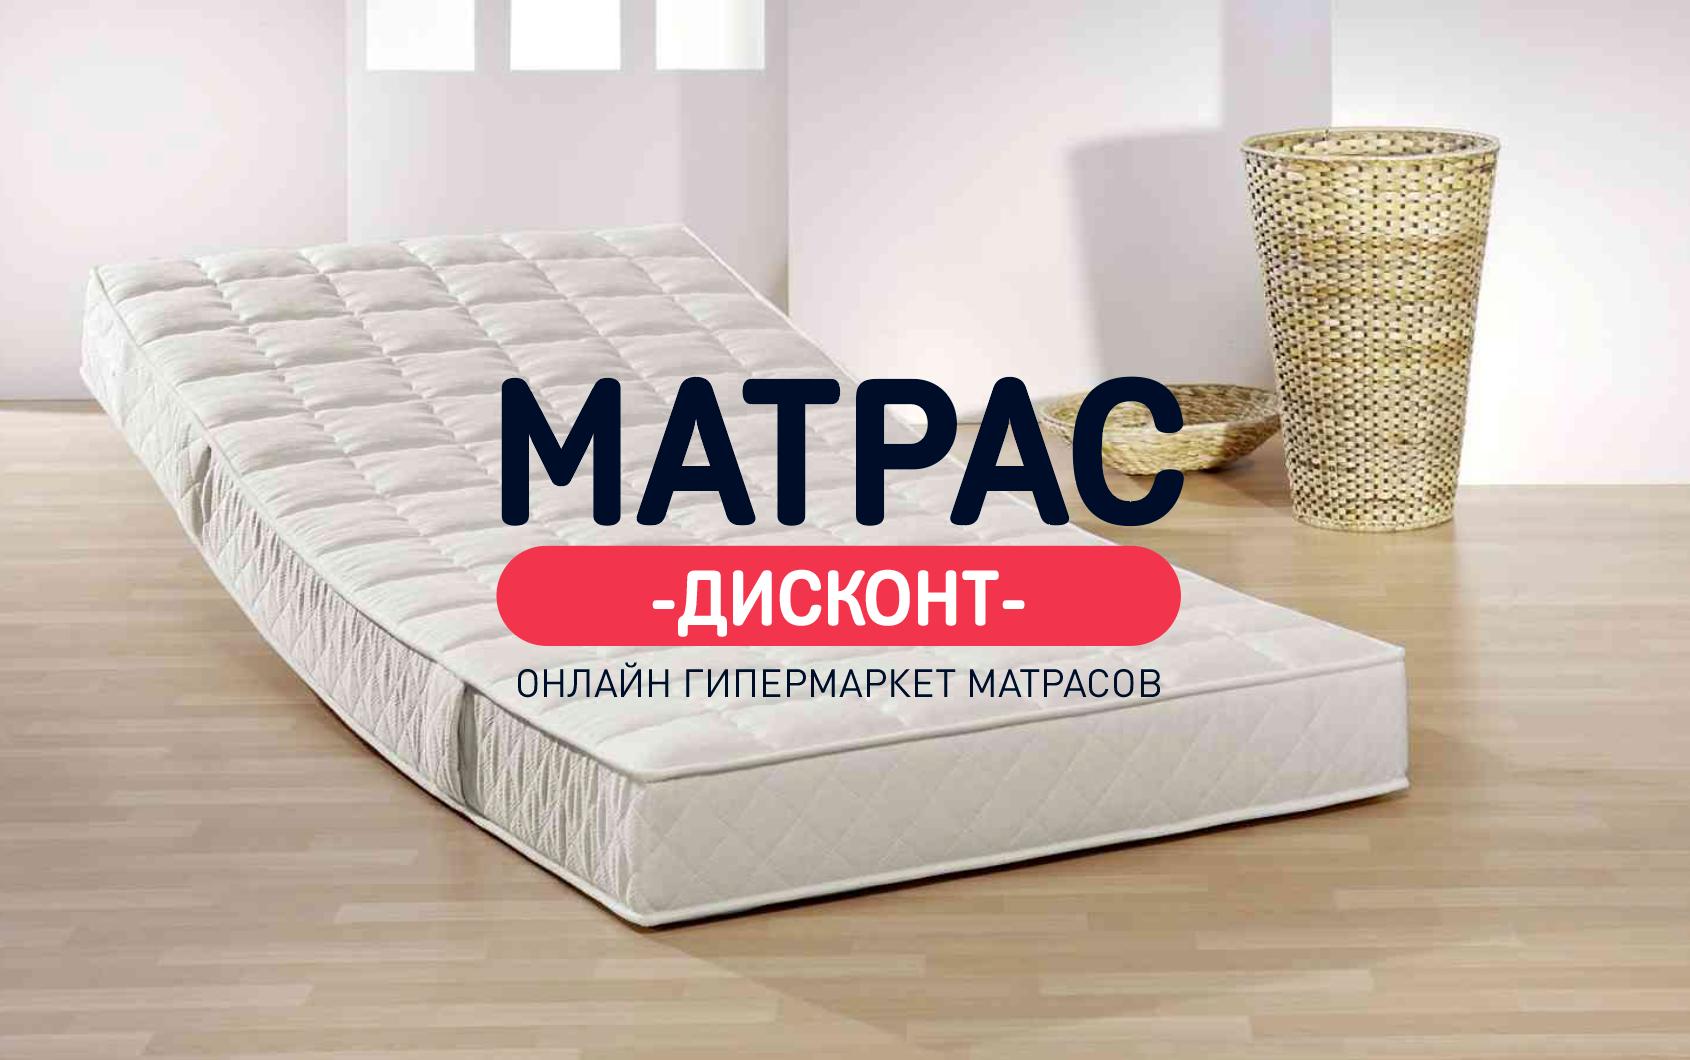 Логотип для ИМ матрасов фото f_8735c86bcdf3938e.png